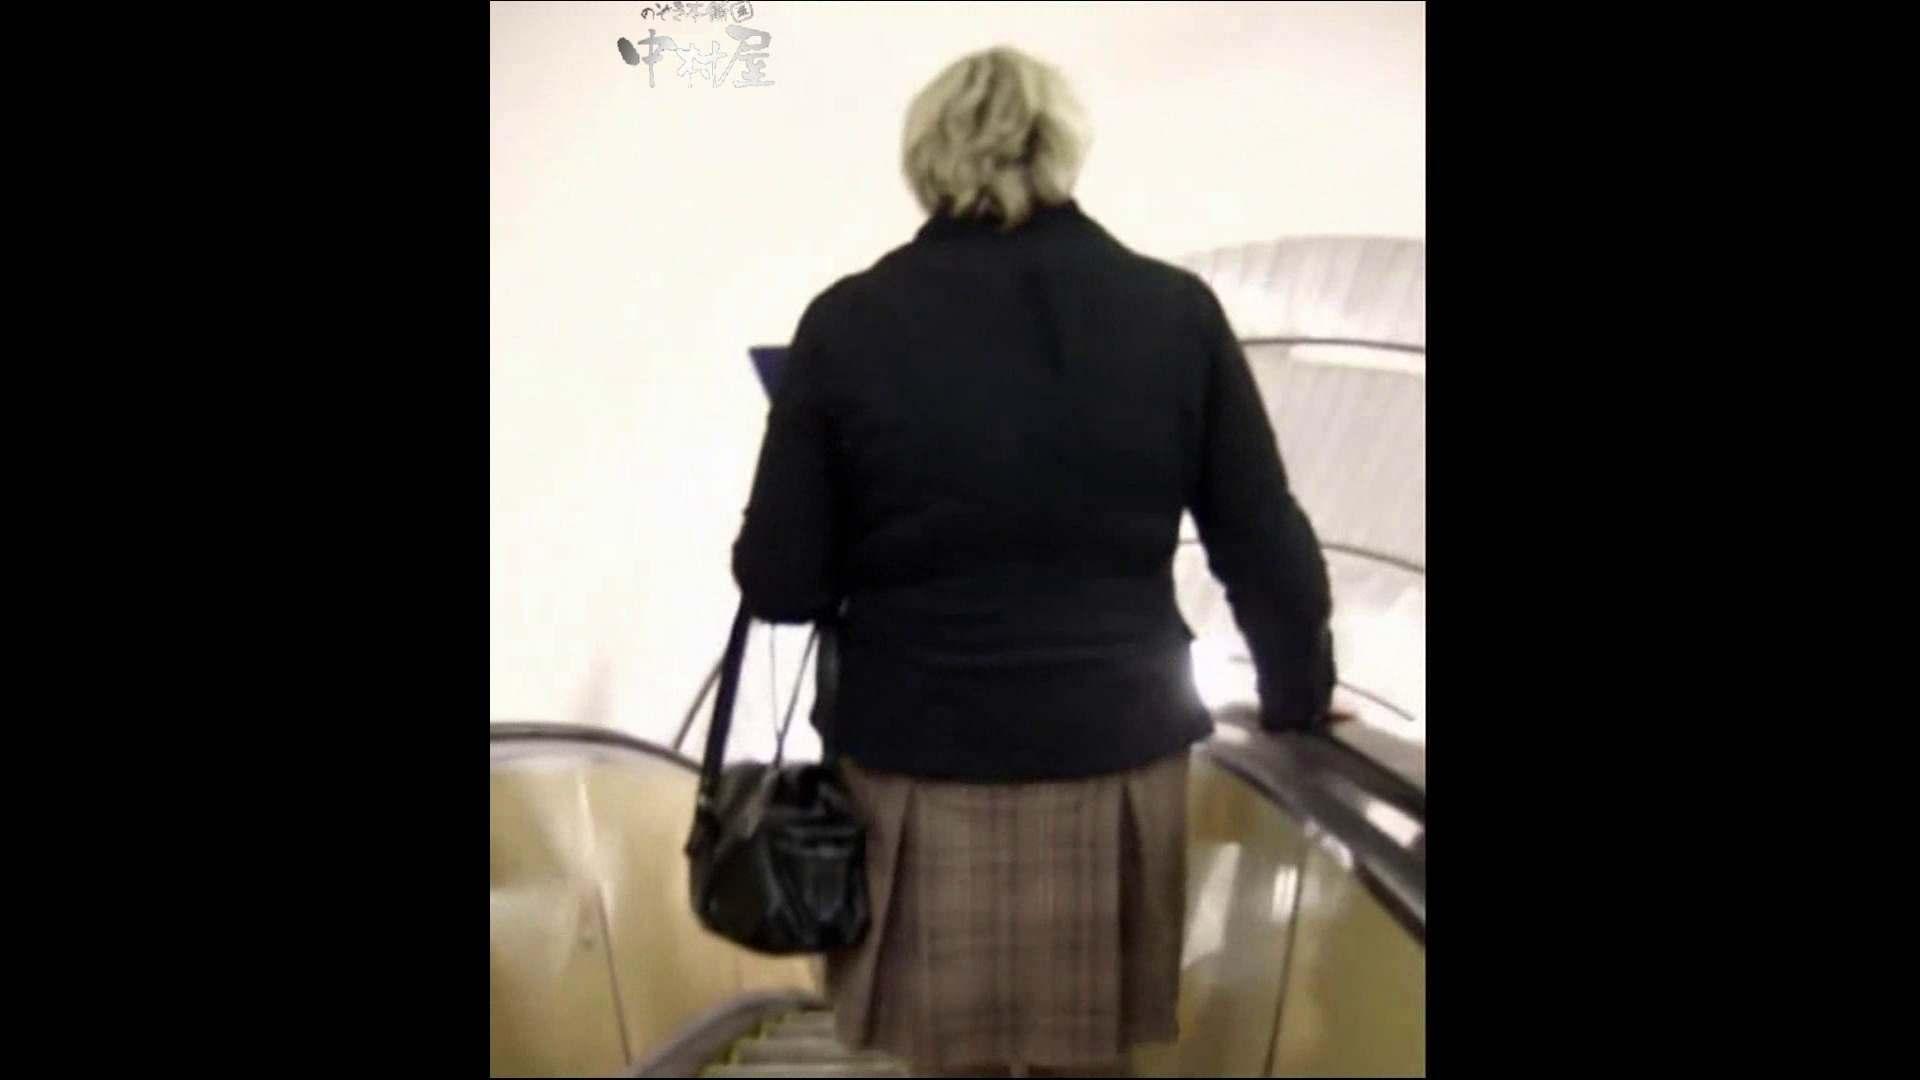 綺麗なモデルさんのスカート捲っちゃおう‼ vol20 お姉さんのエロ動画  83PIX 64